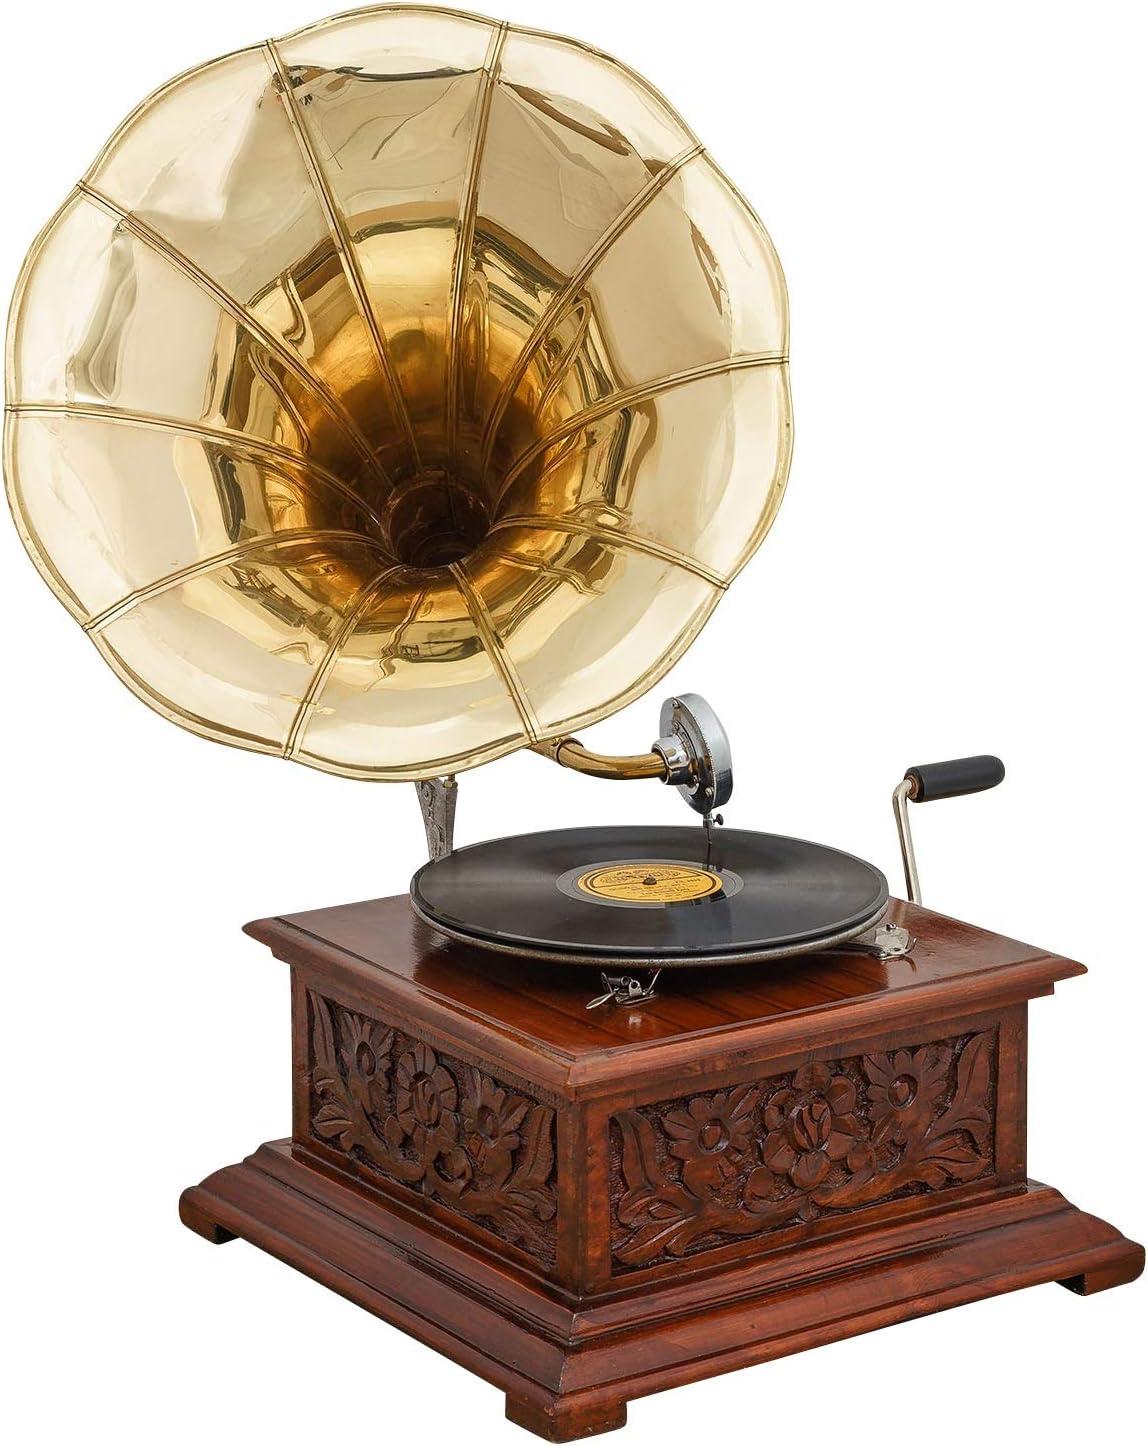 c aubaho Gramophone avec pavillon pour Disque 78 Tours Style Antique